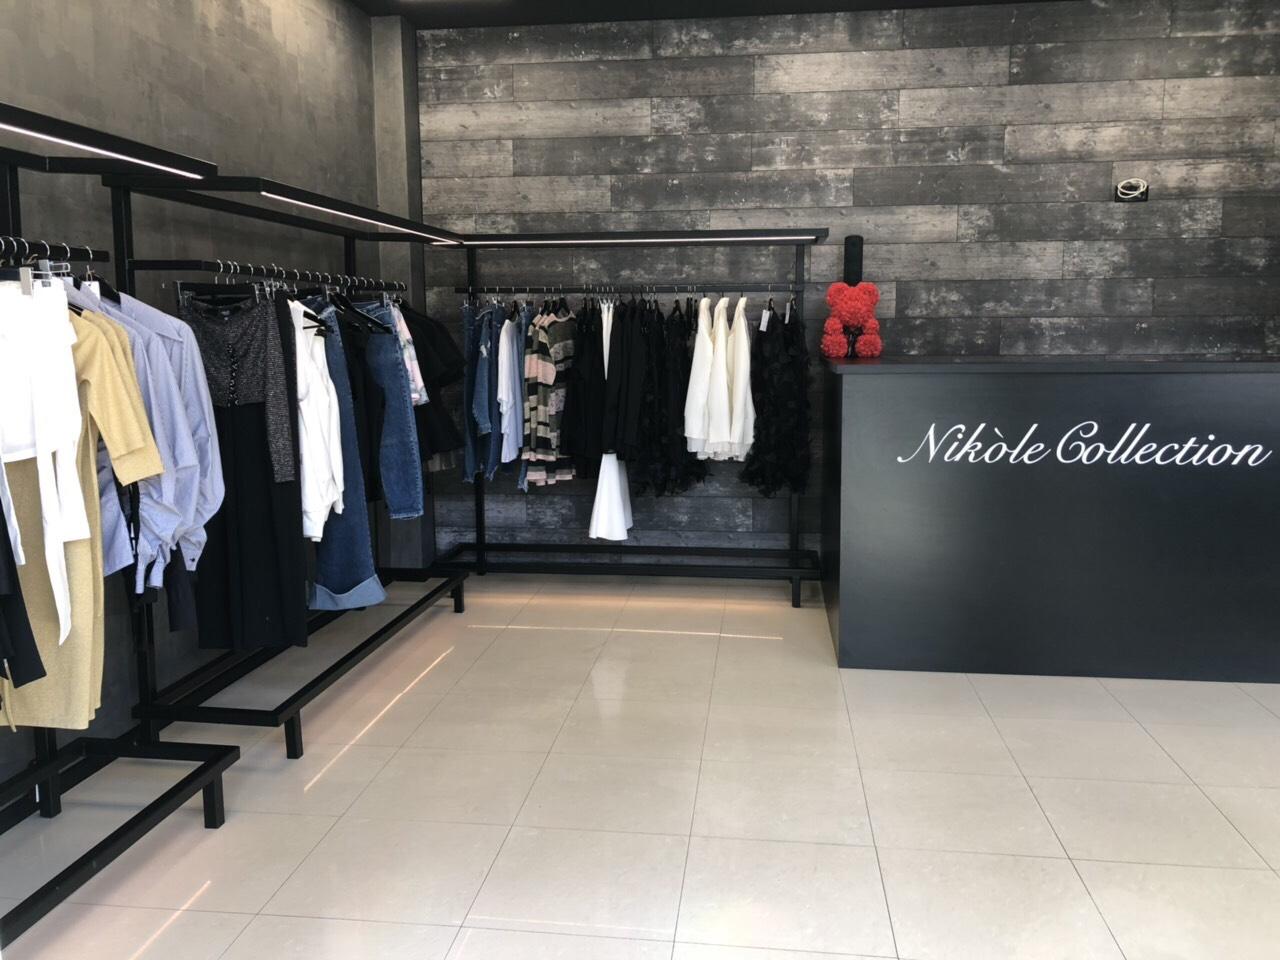 Nikole Collection - Stara Zagora